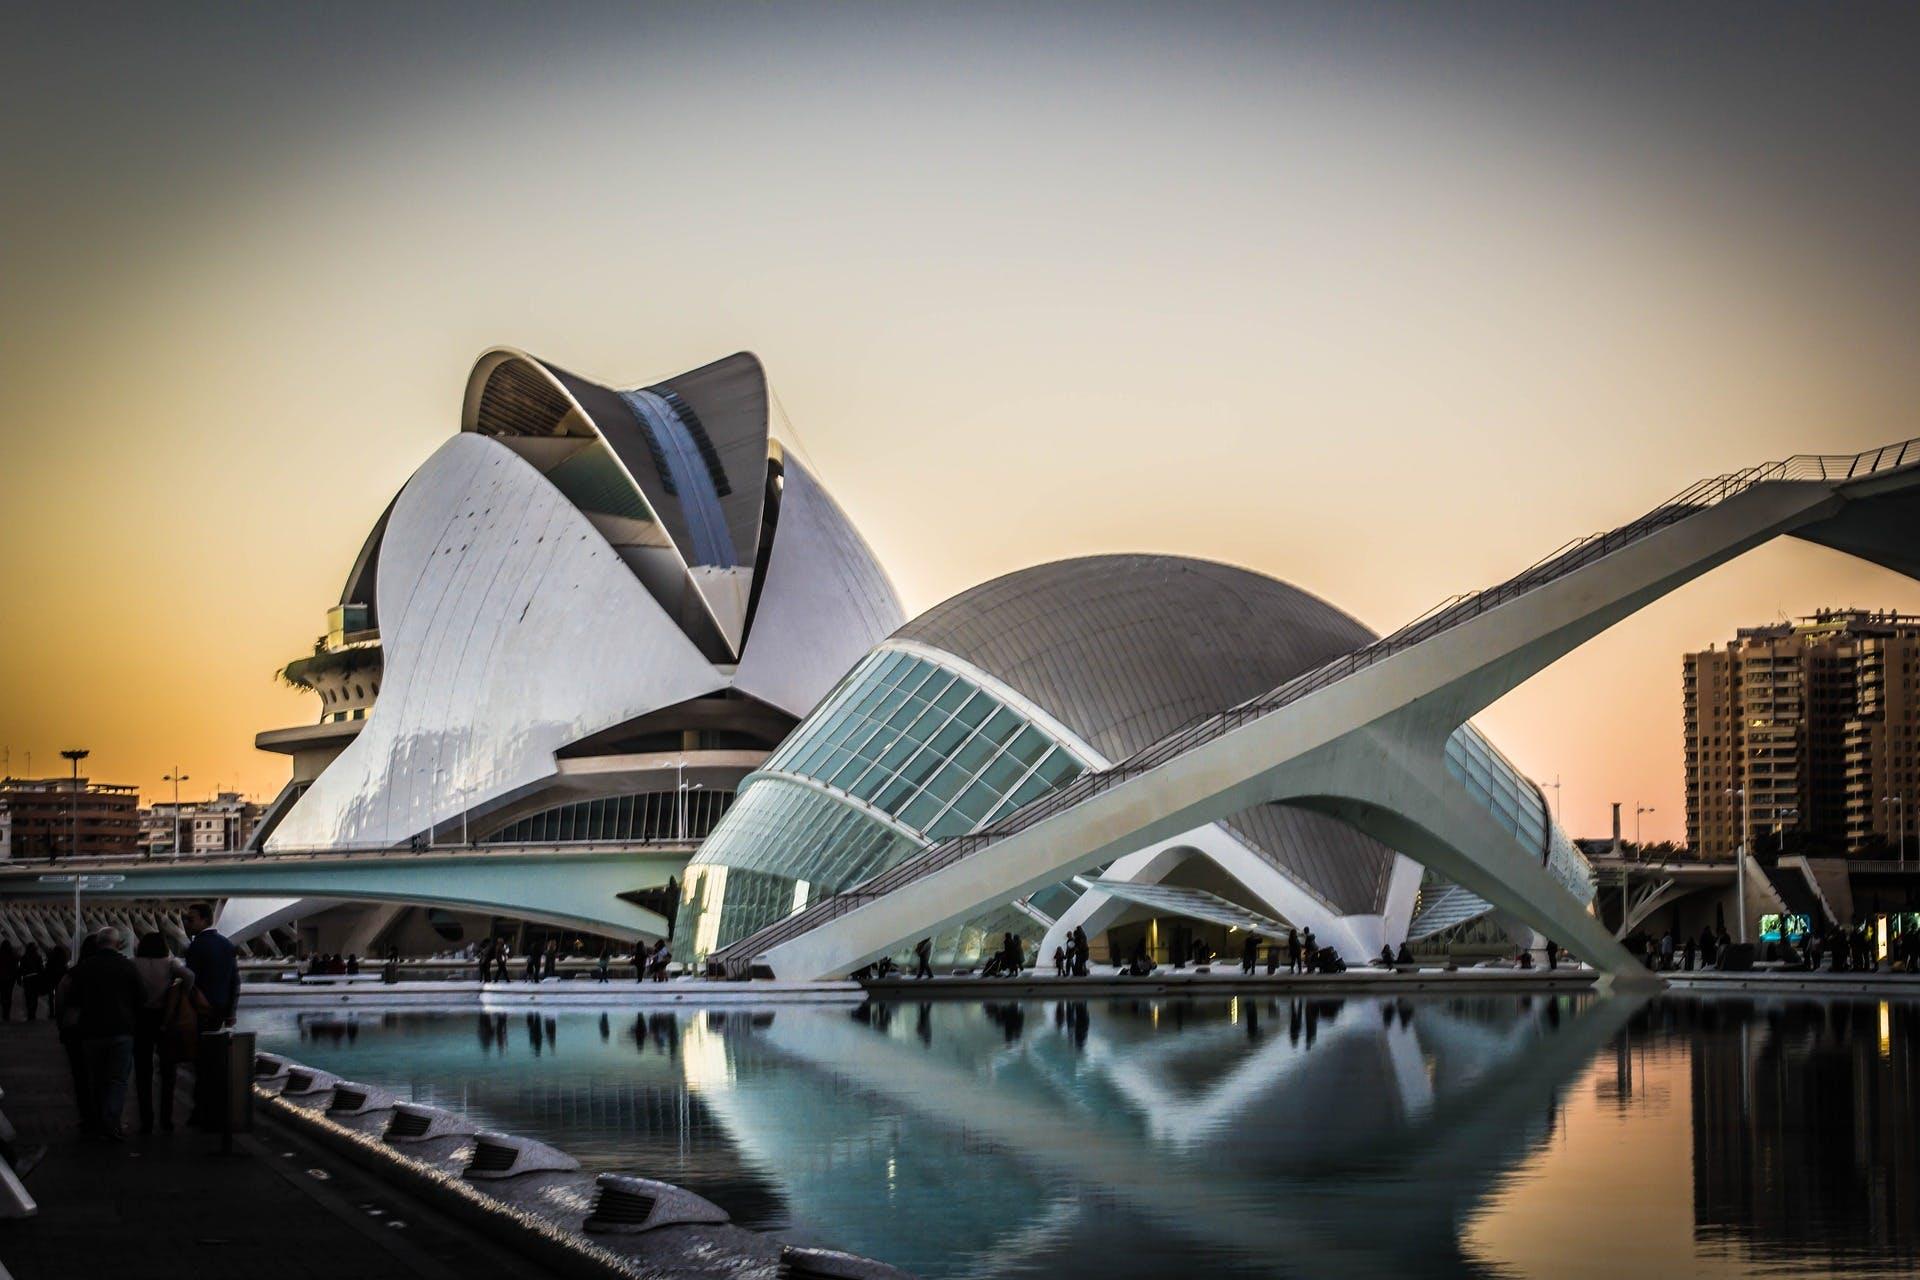 Architecture internships in Spain